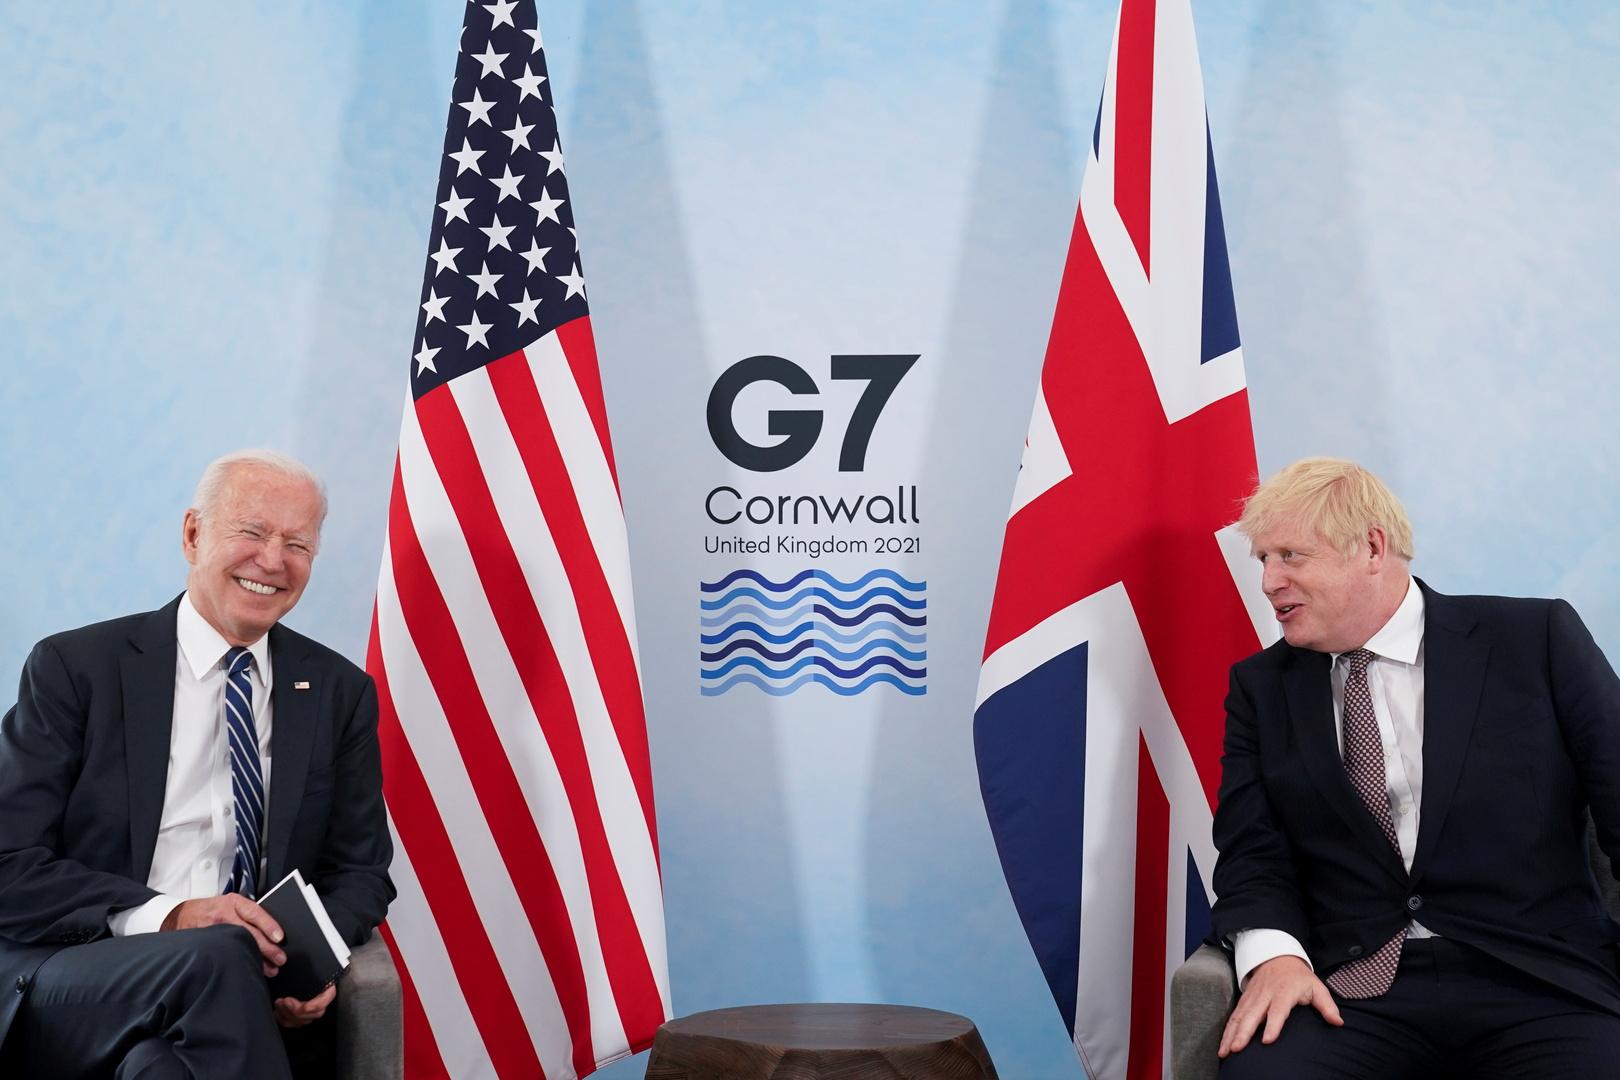 جونسون: العلاقة مع الولايات المتحدة